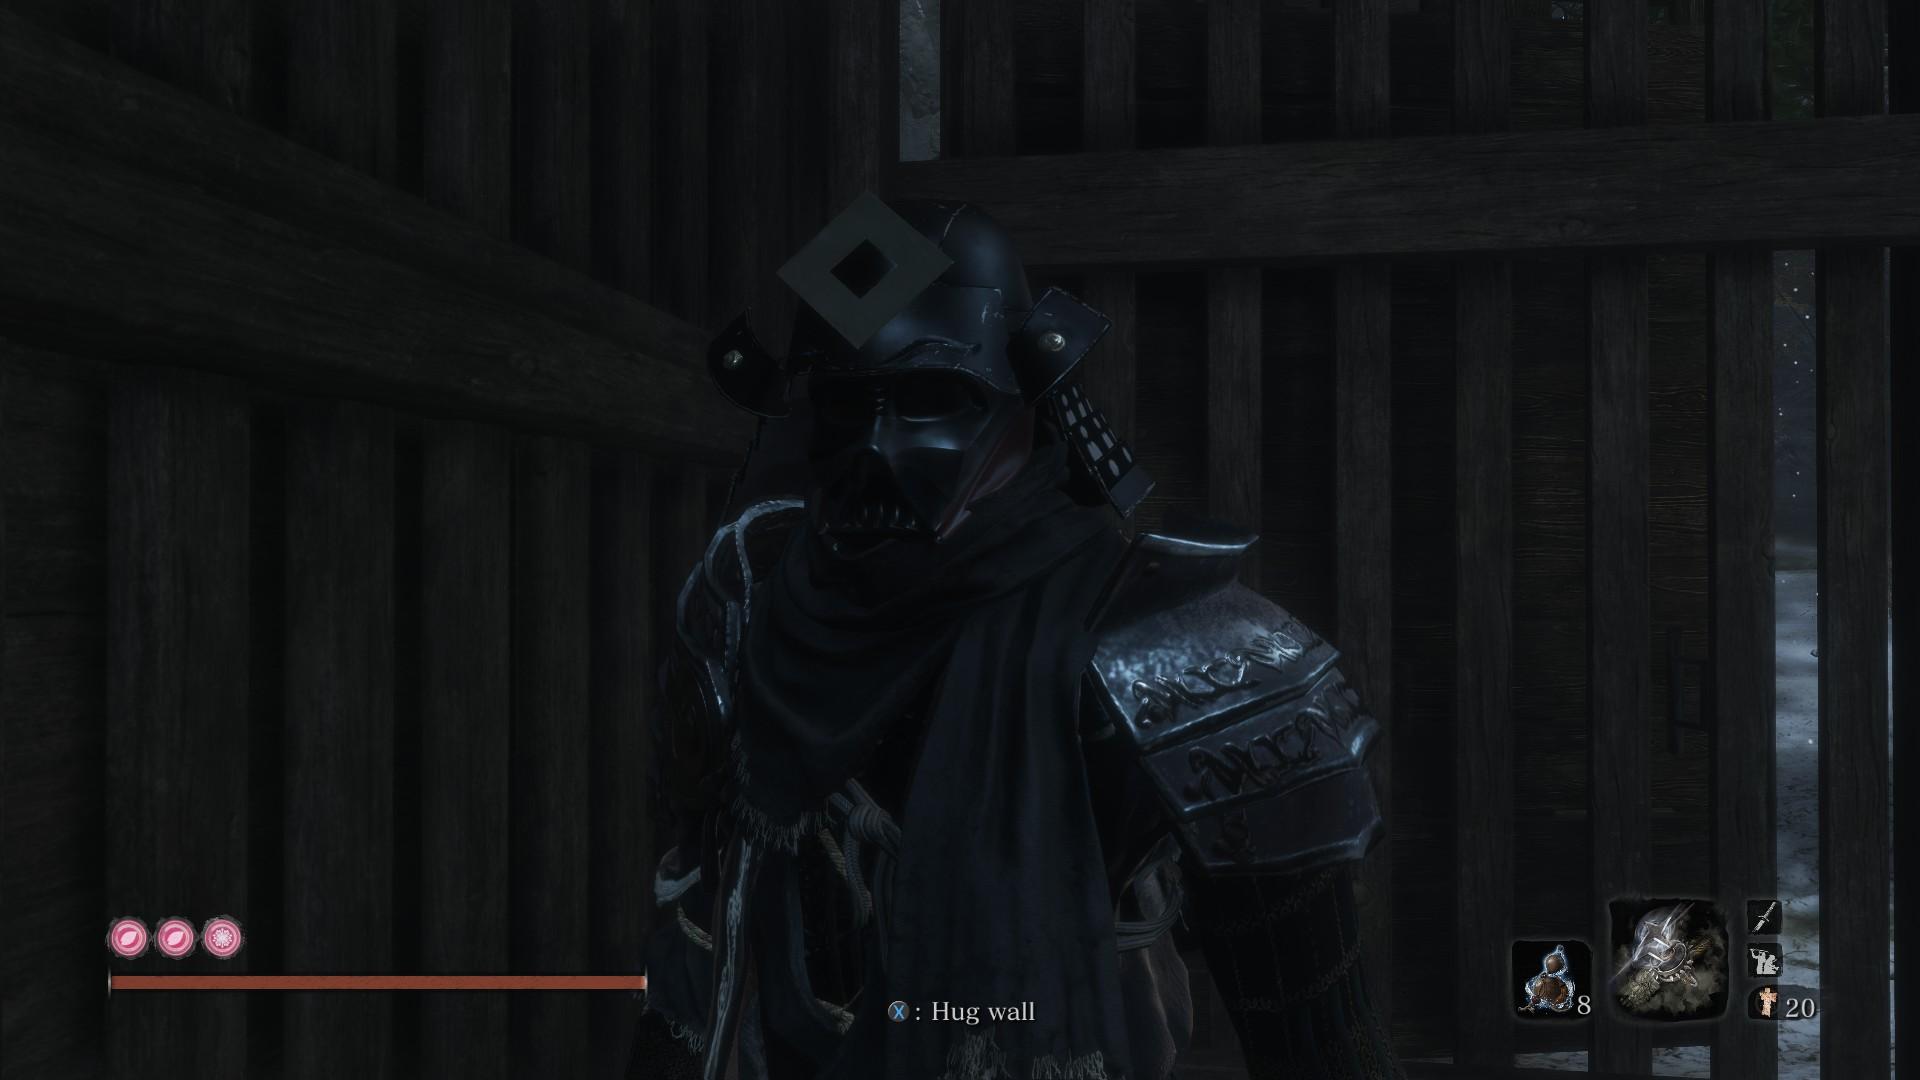 戴面具的武士维达MOD